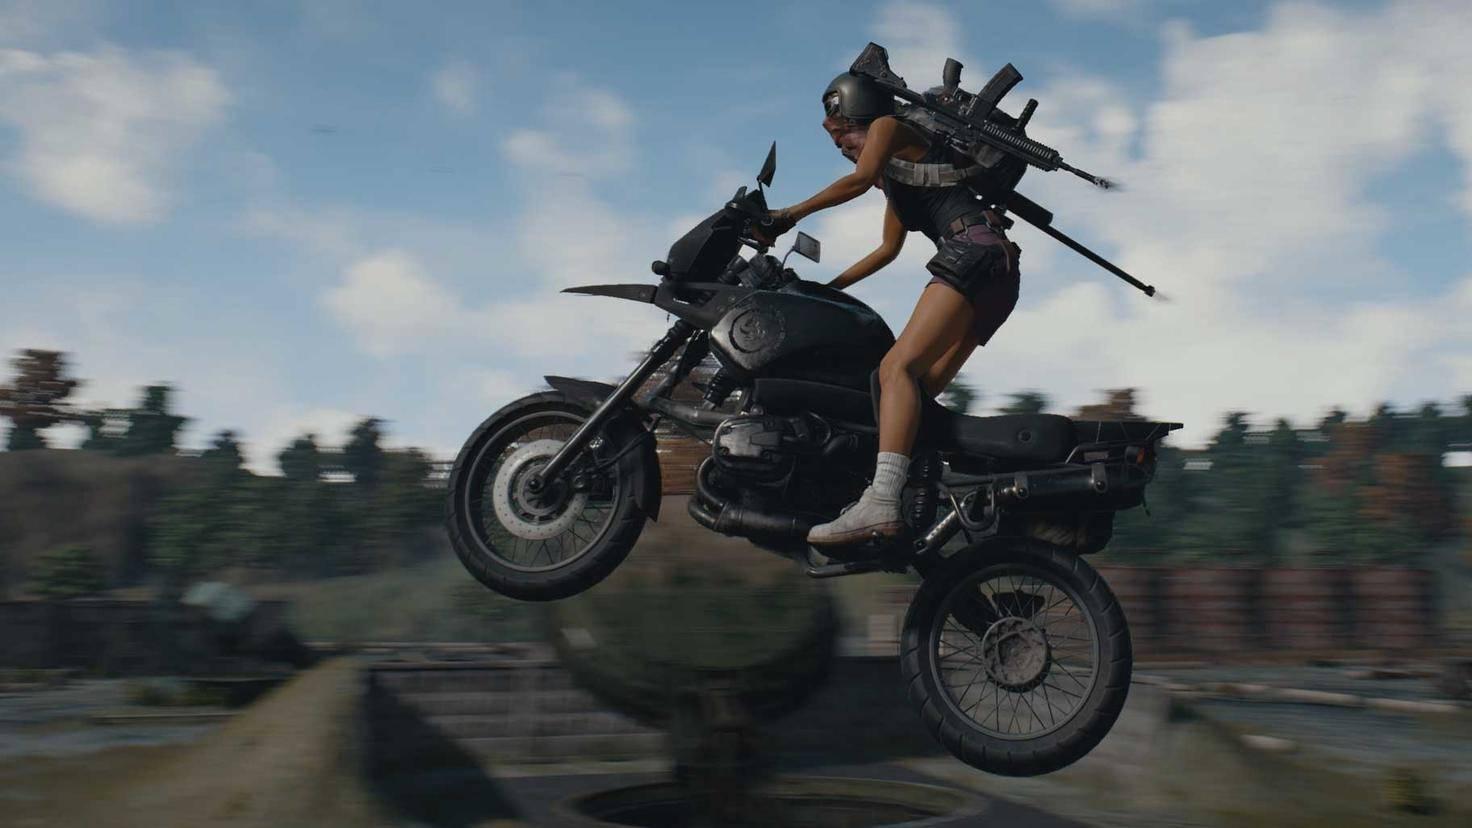 Mit einem Motorrad kommst Du schnell über die Karte. Das ist wichtig, um vor der stetig näher rückenden Spielfeldbarriere zu fliehen.